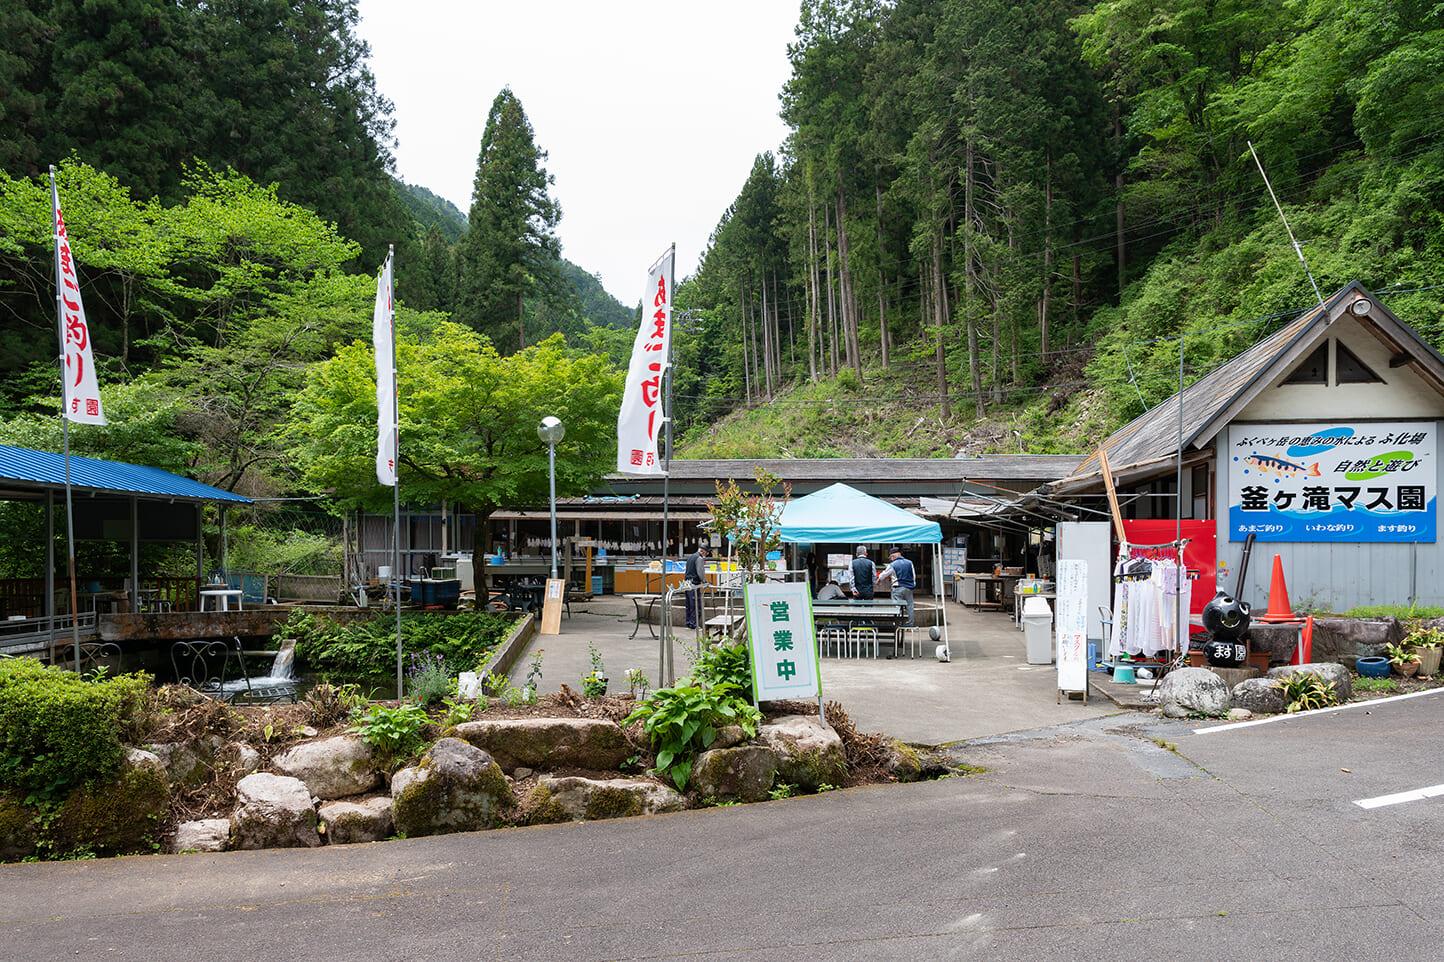 釜ケ滝ます園 スライダー画像1